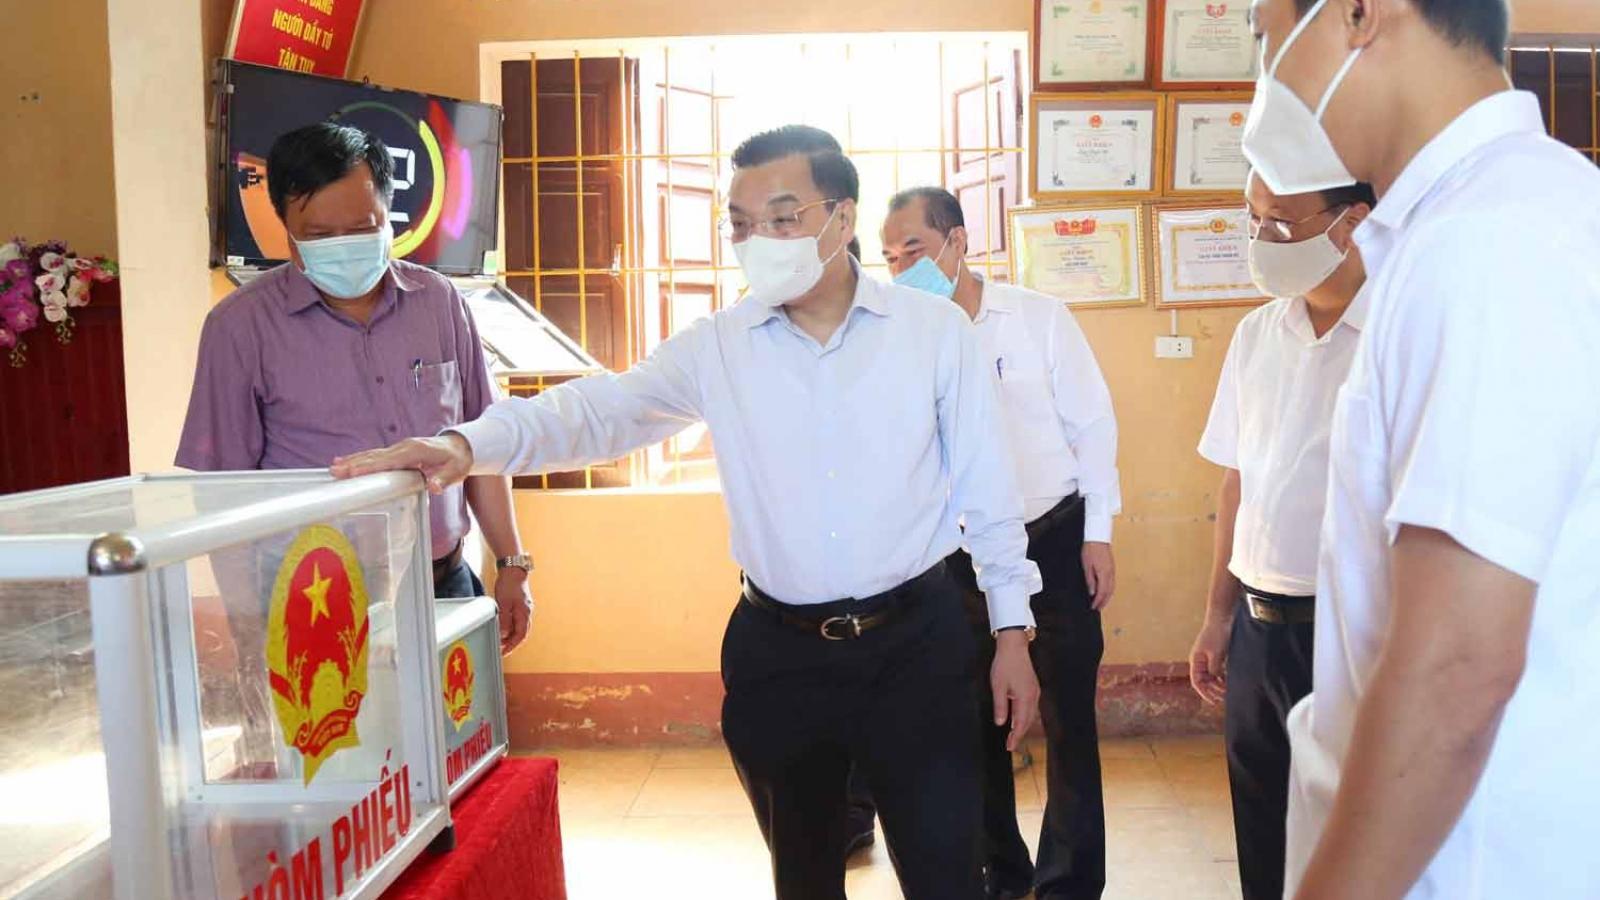 Chủ tịch Hà Nội: Phải cókịch bản đểbầu cử không bị gián đoạn vì dịch Covid-19